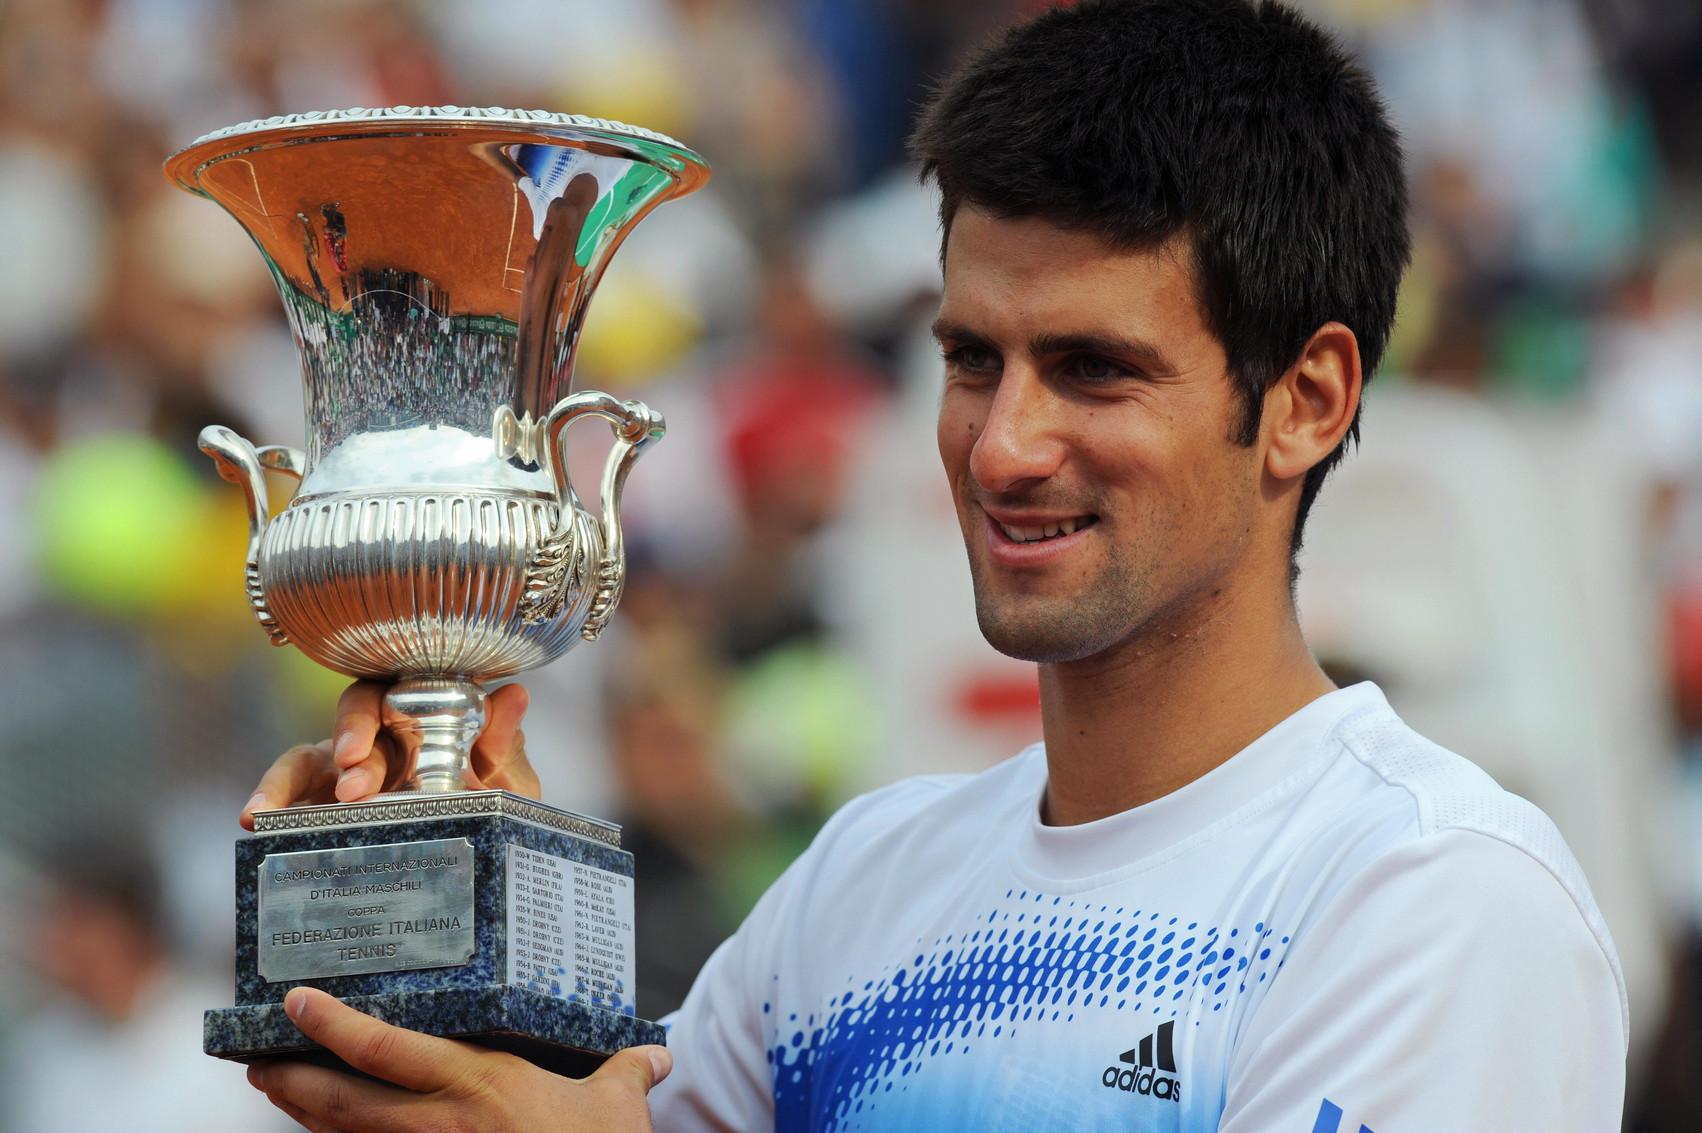 Il 2008 ha visto invece brillare Novak Djokovic, primo serbo a vincere al Foro Italico.